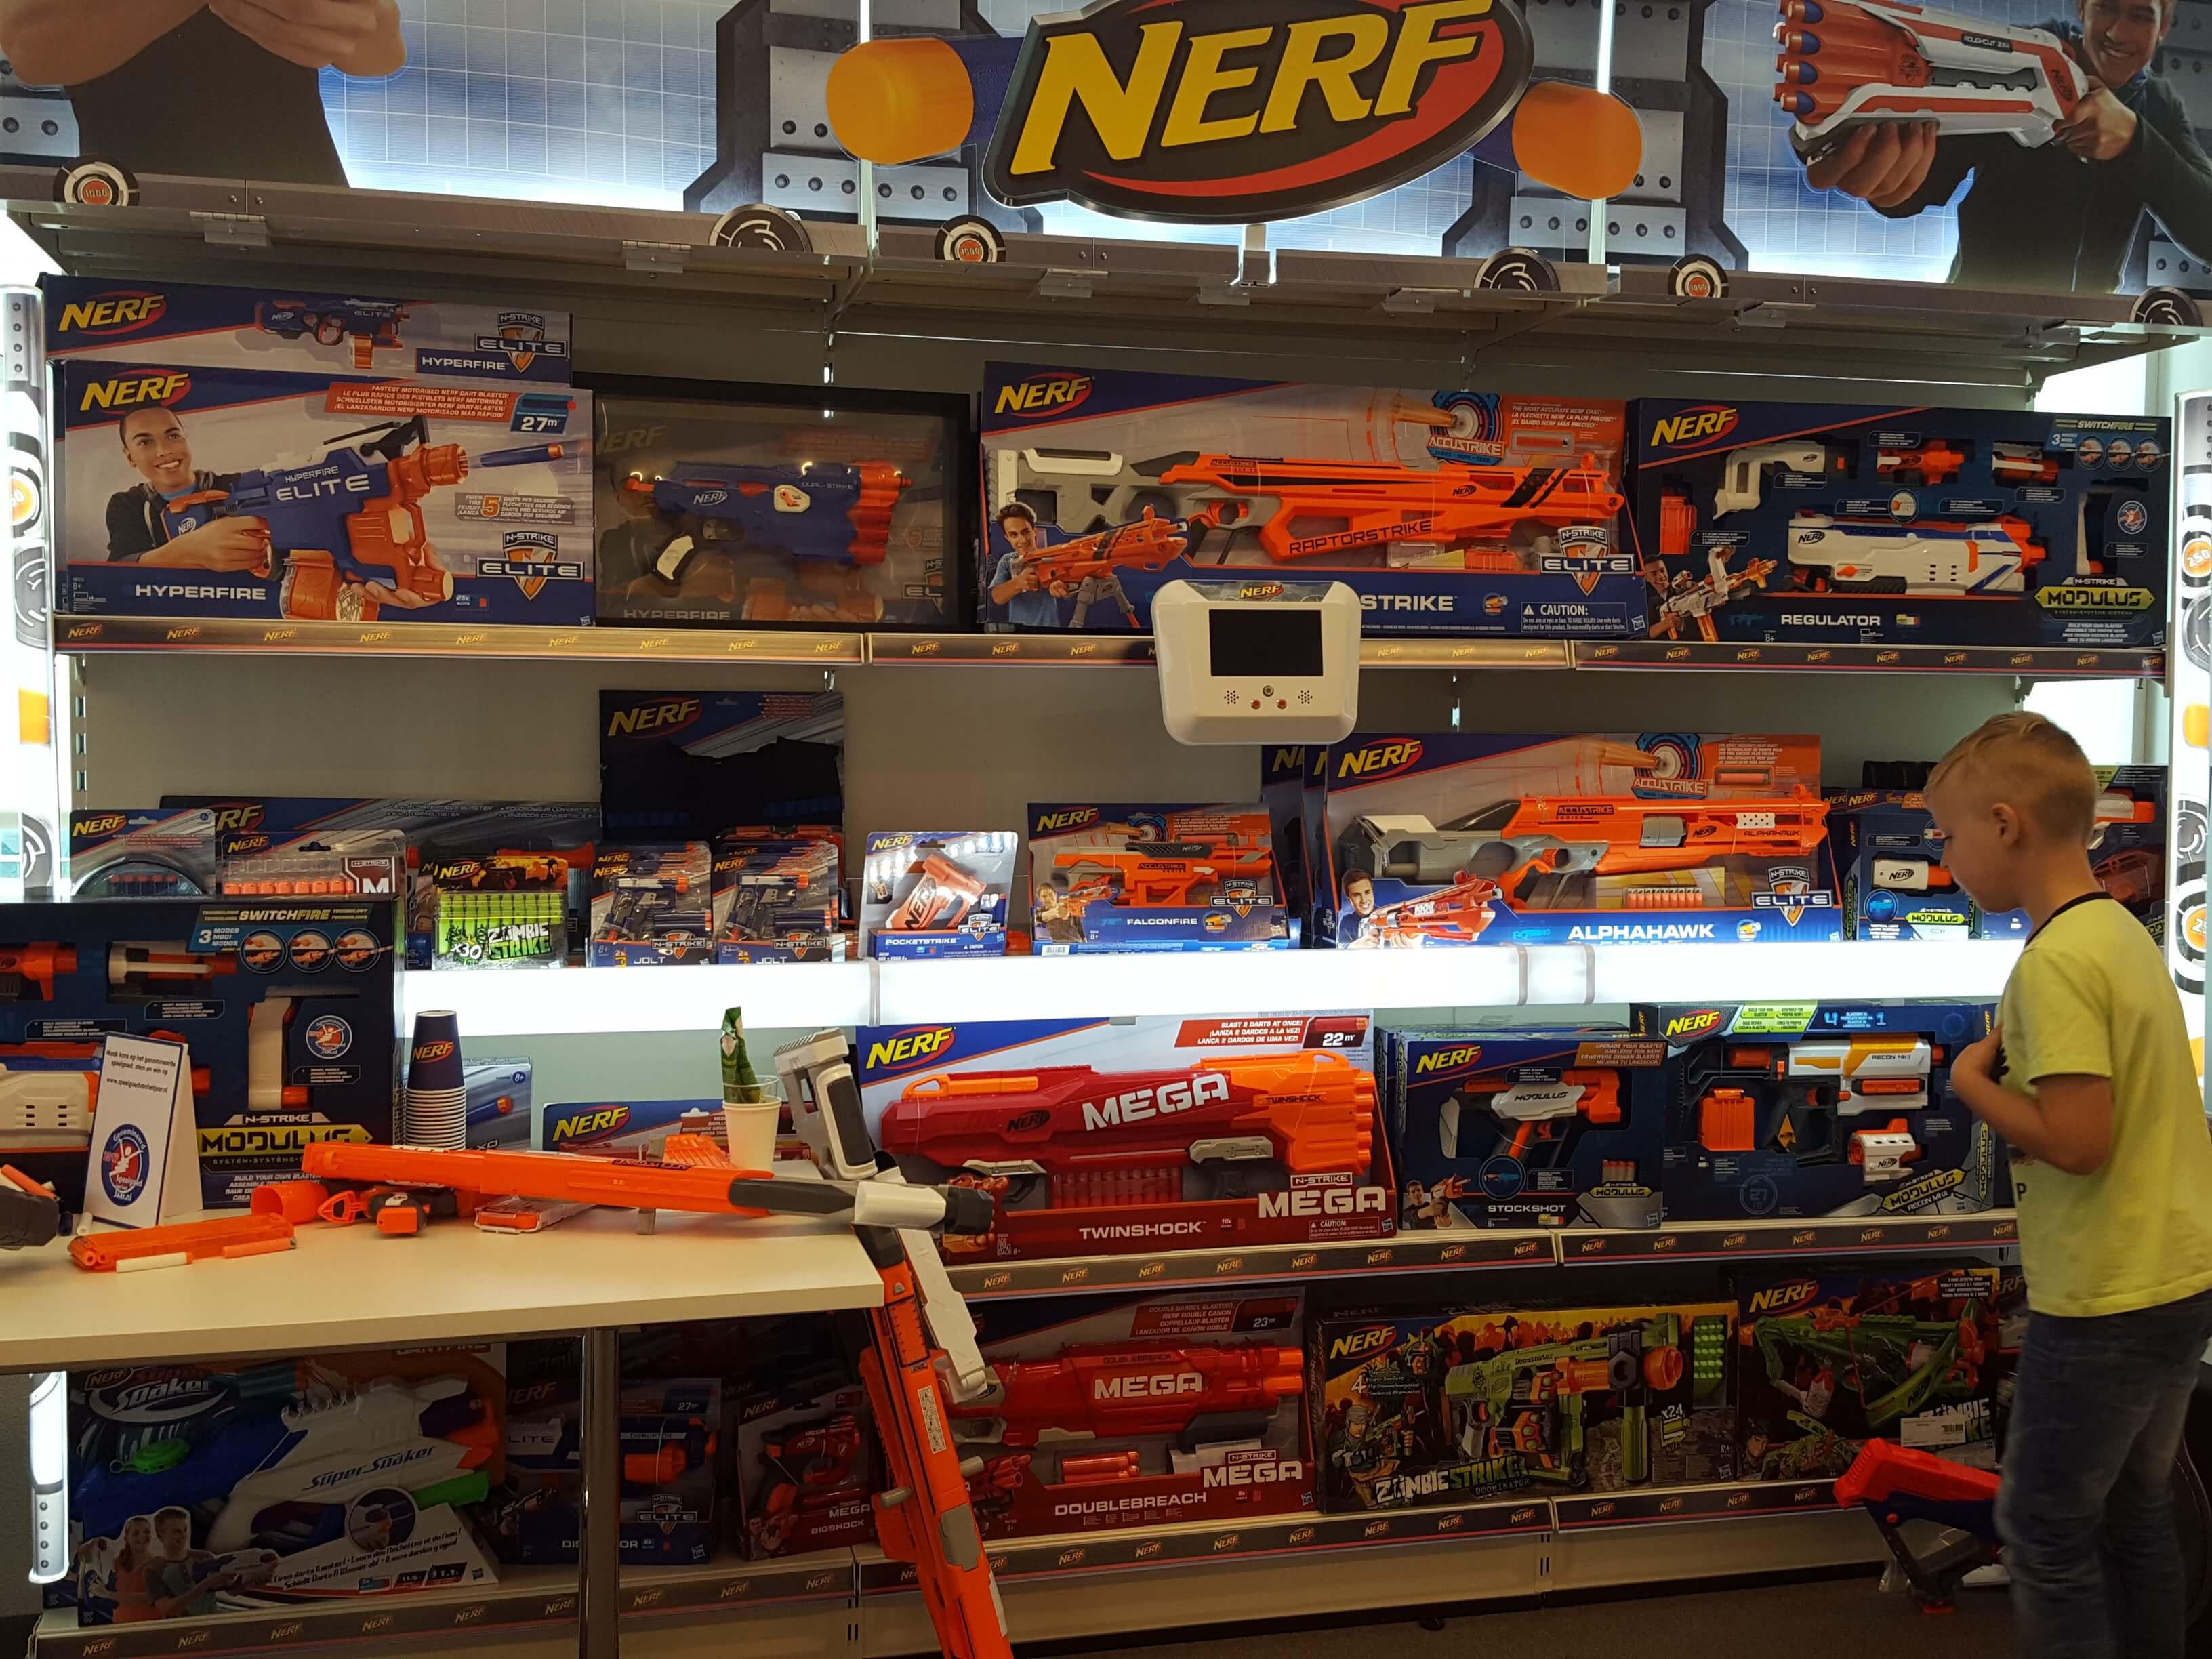 NERF pistolen in de speelgoedwinkel Lisette Schrijft